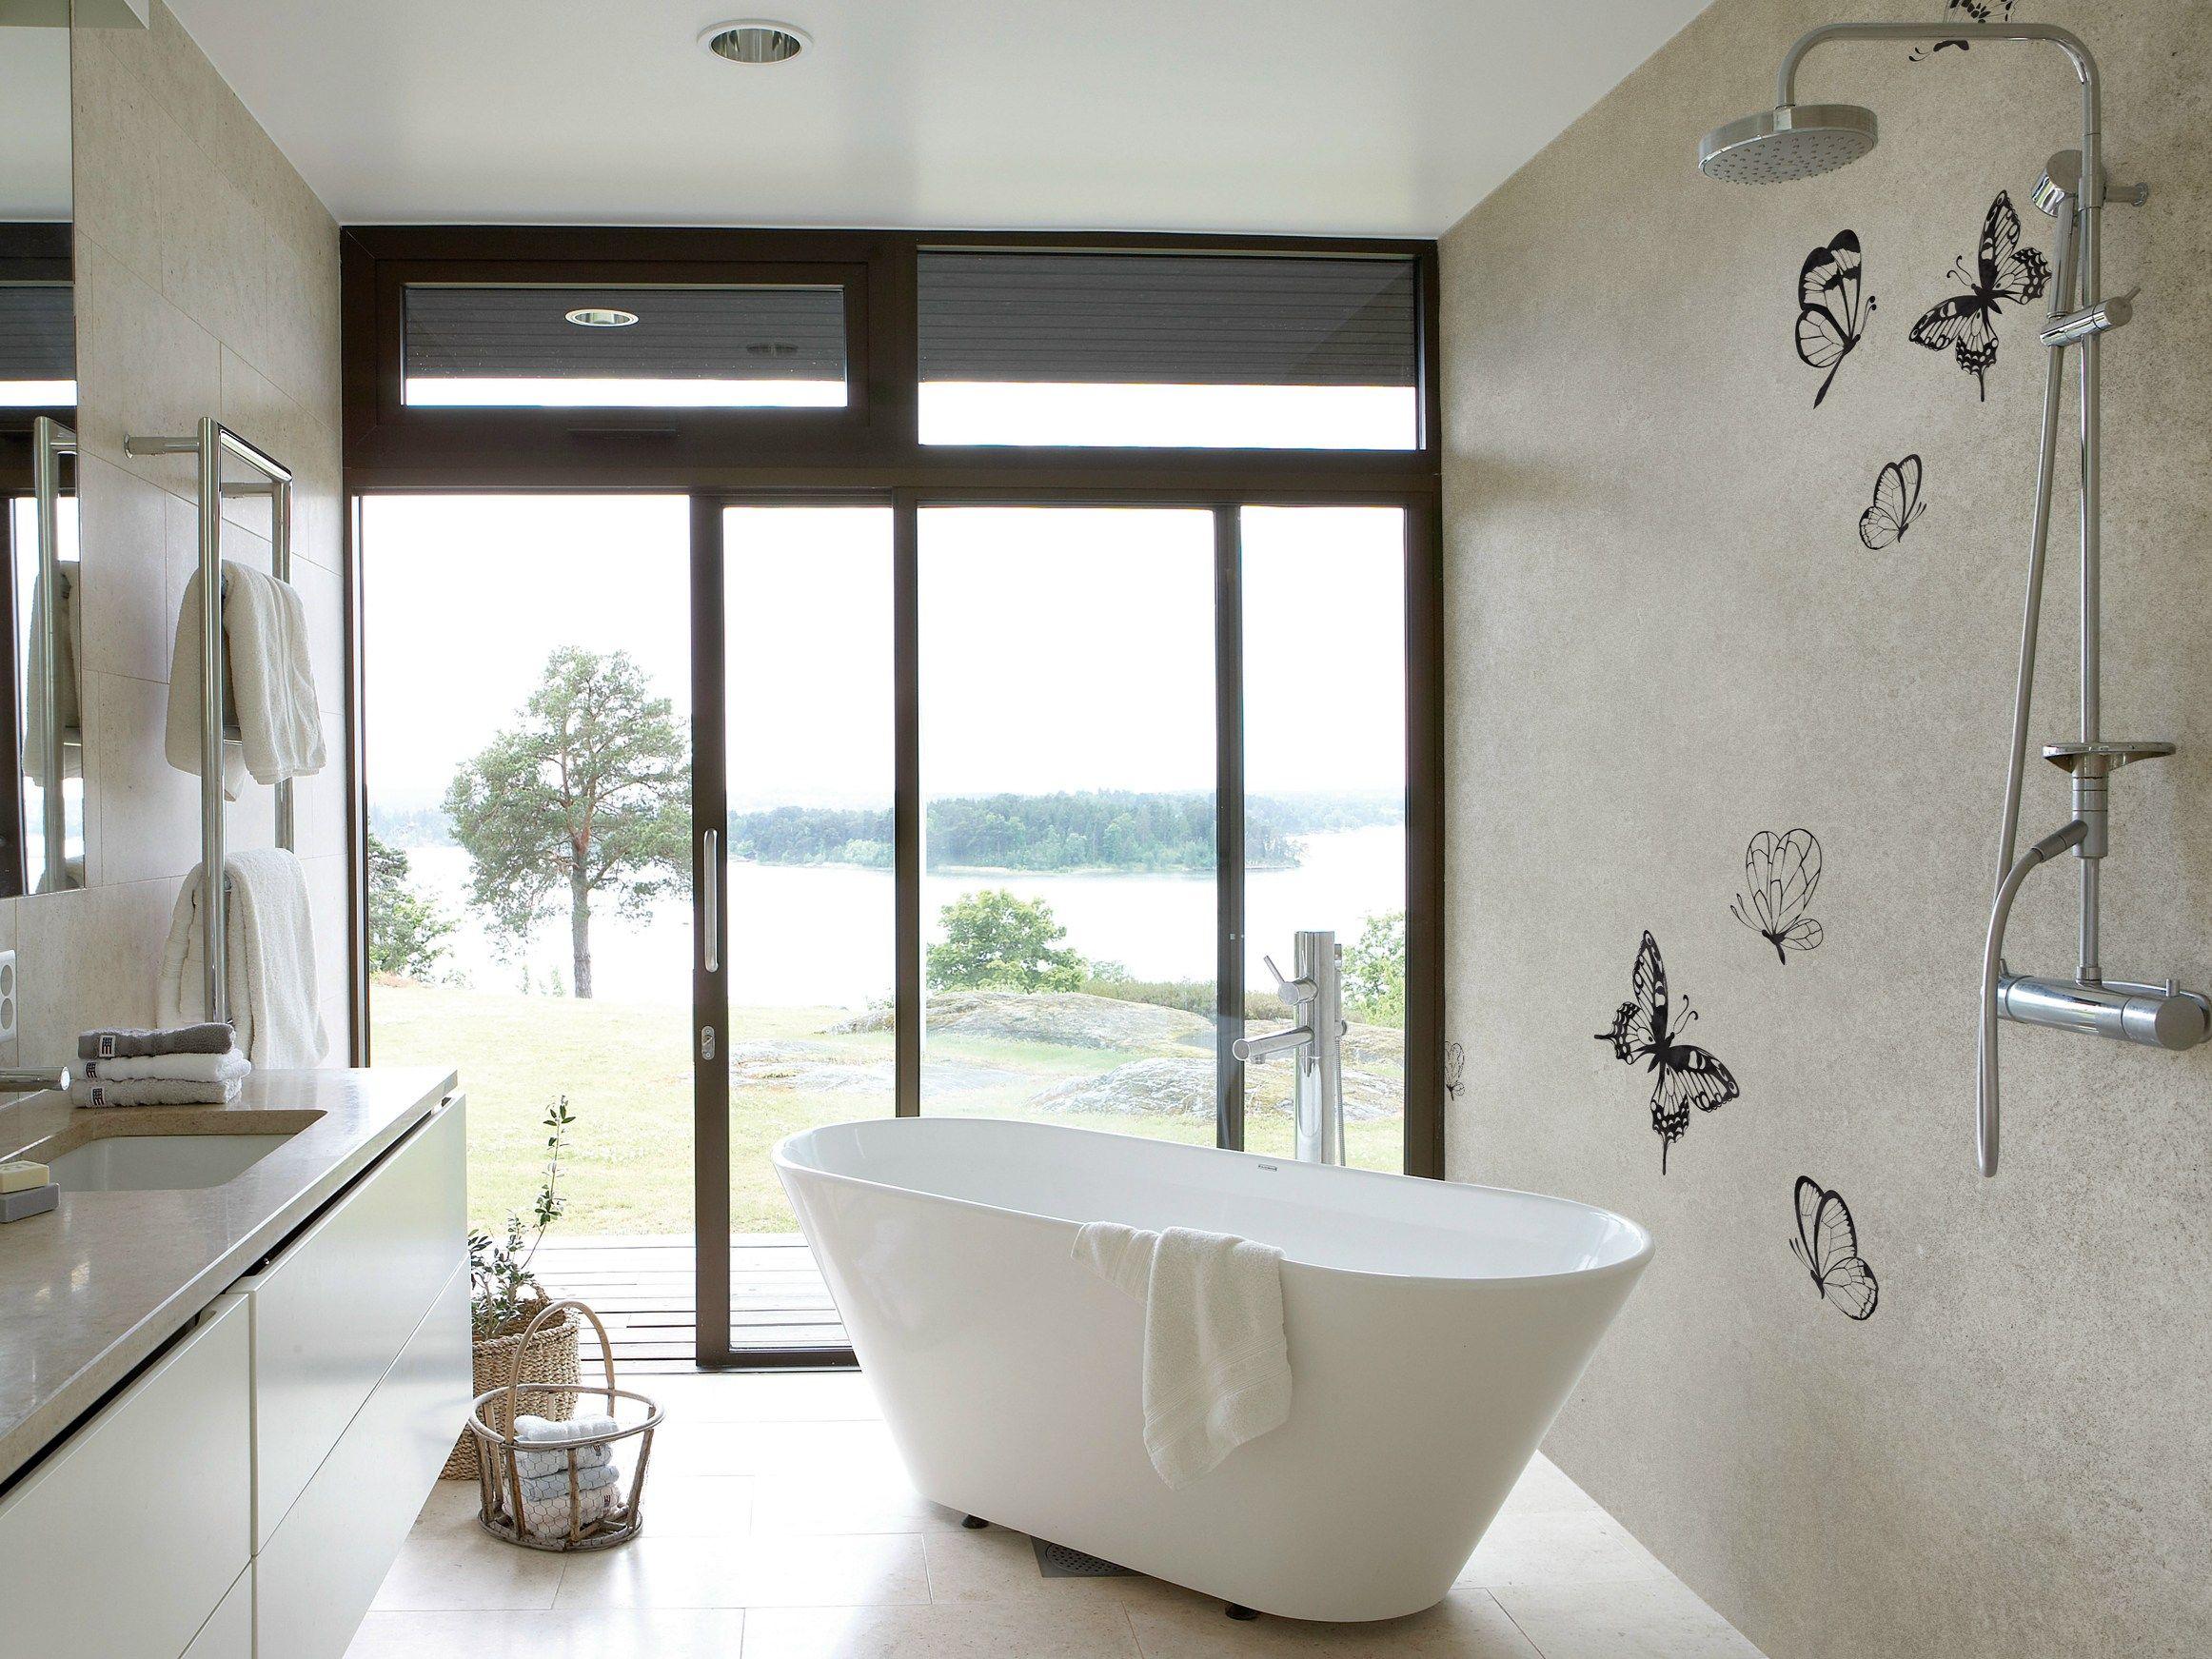 tapeten für badezimmer | jtleigh - hausgestaltung ideen